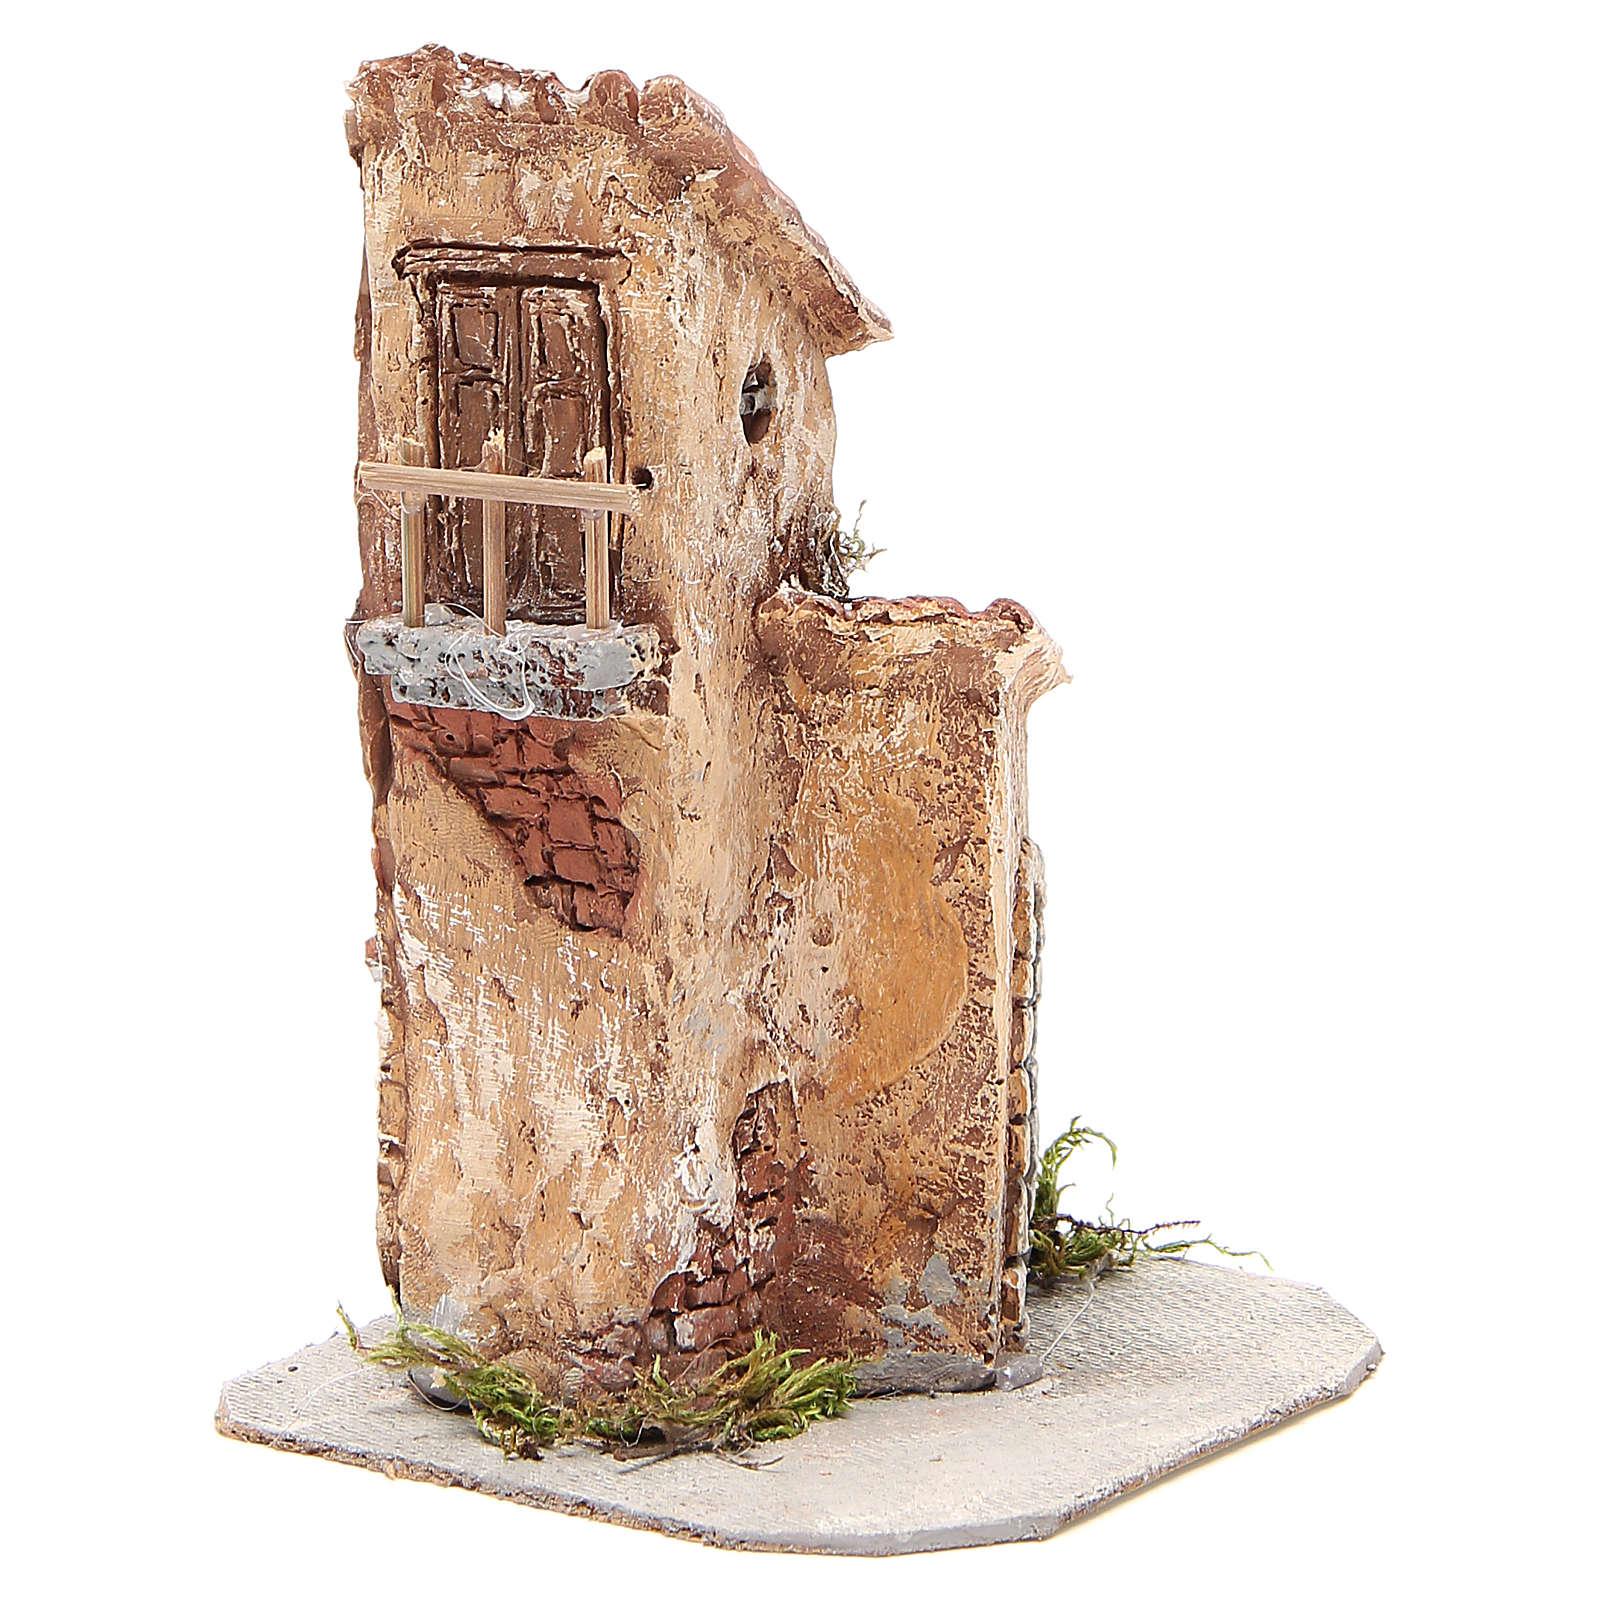 Casetta resina e legno presepe Napoli 22x15x15 cm 4